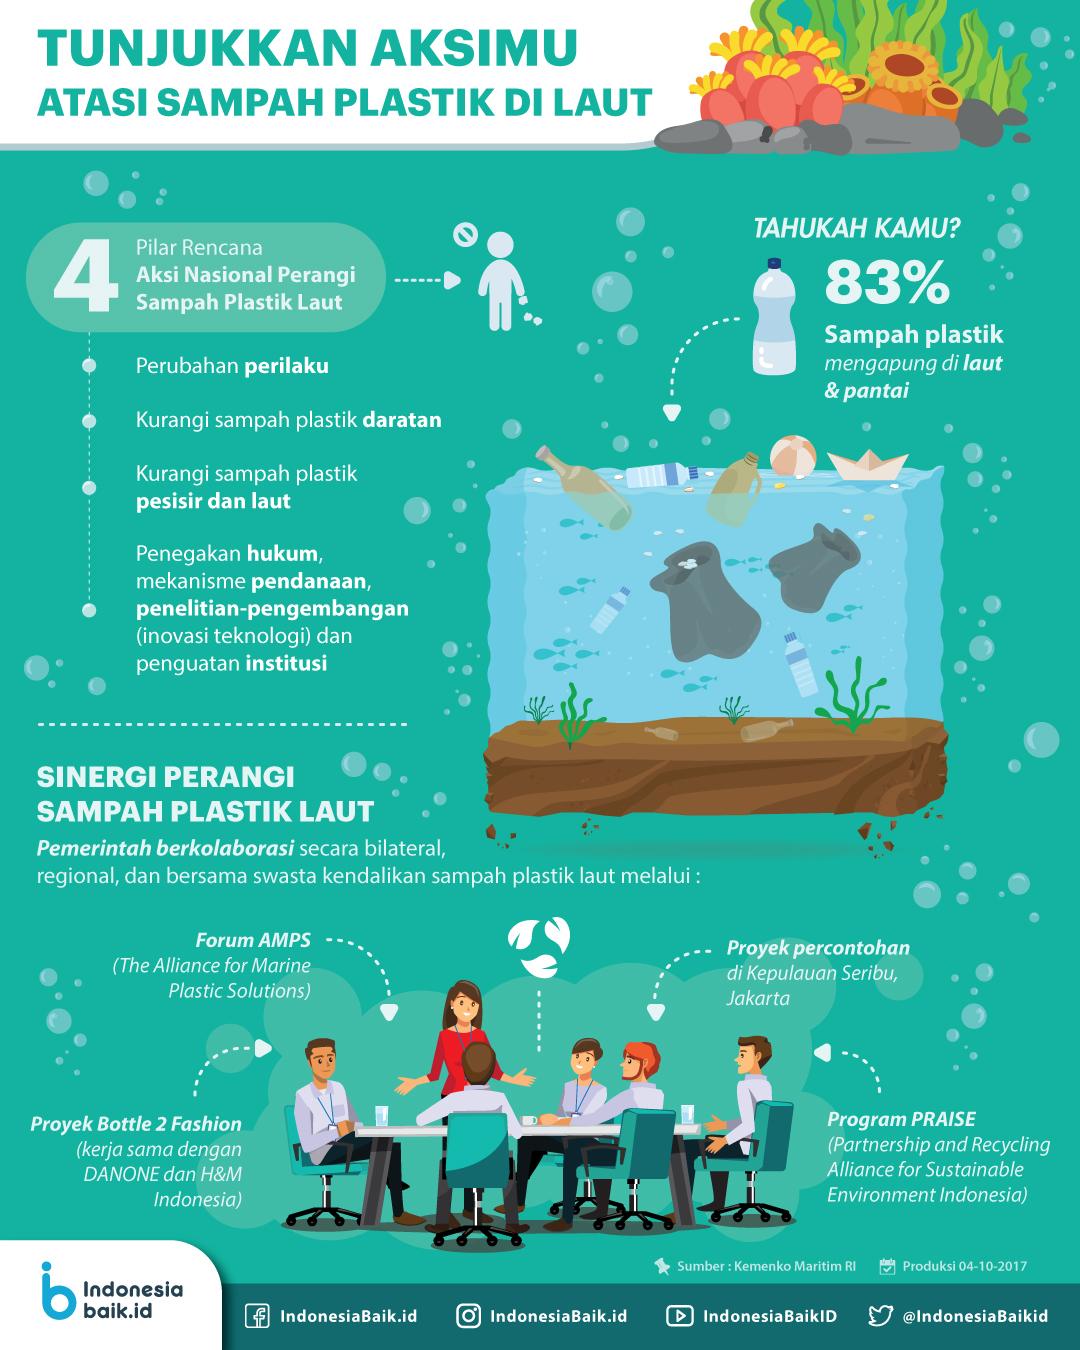 Tunjukkan Aksimu Atasi Sampah Plastik di Laut